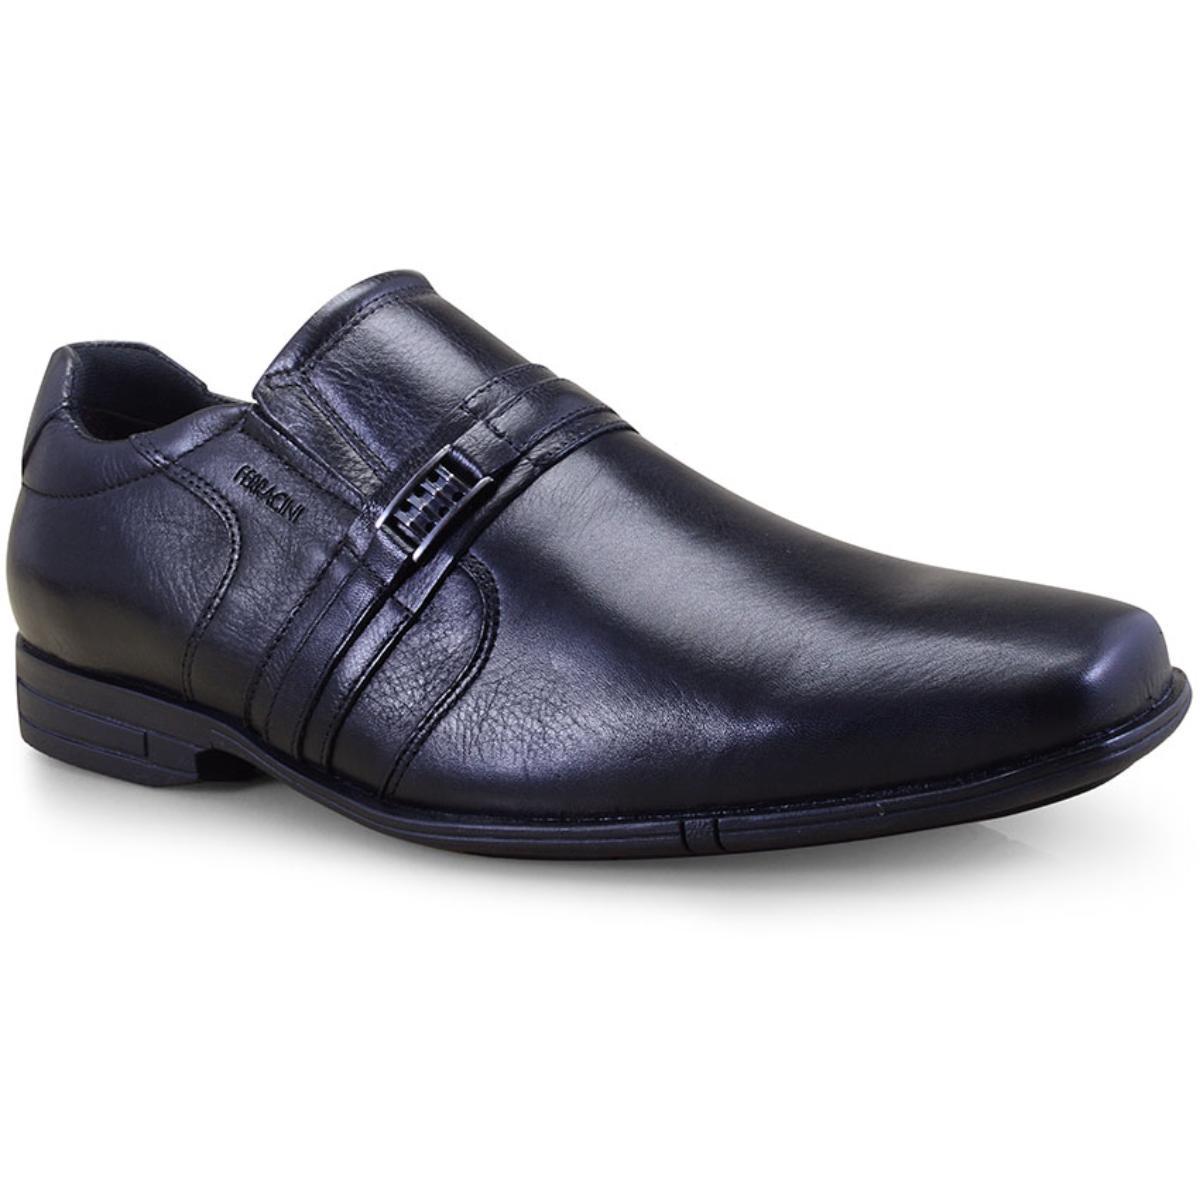 Sapato Masculino Ferracini 3167-220g Preto